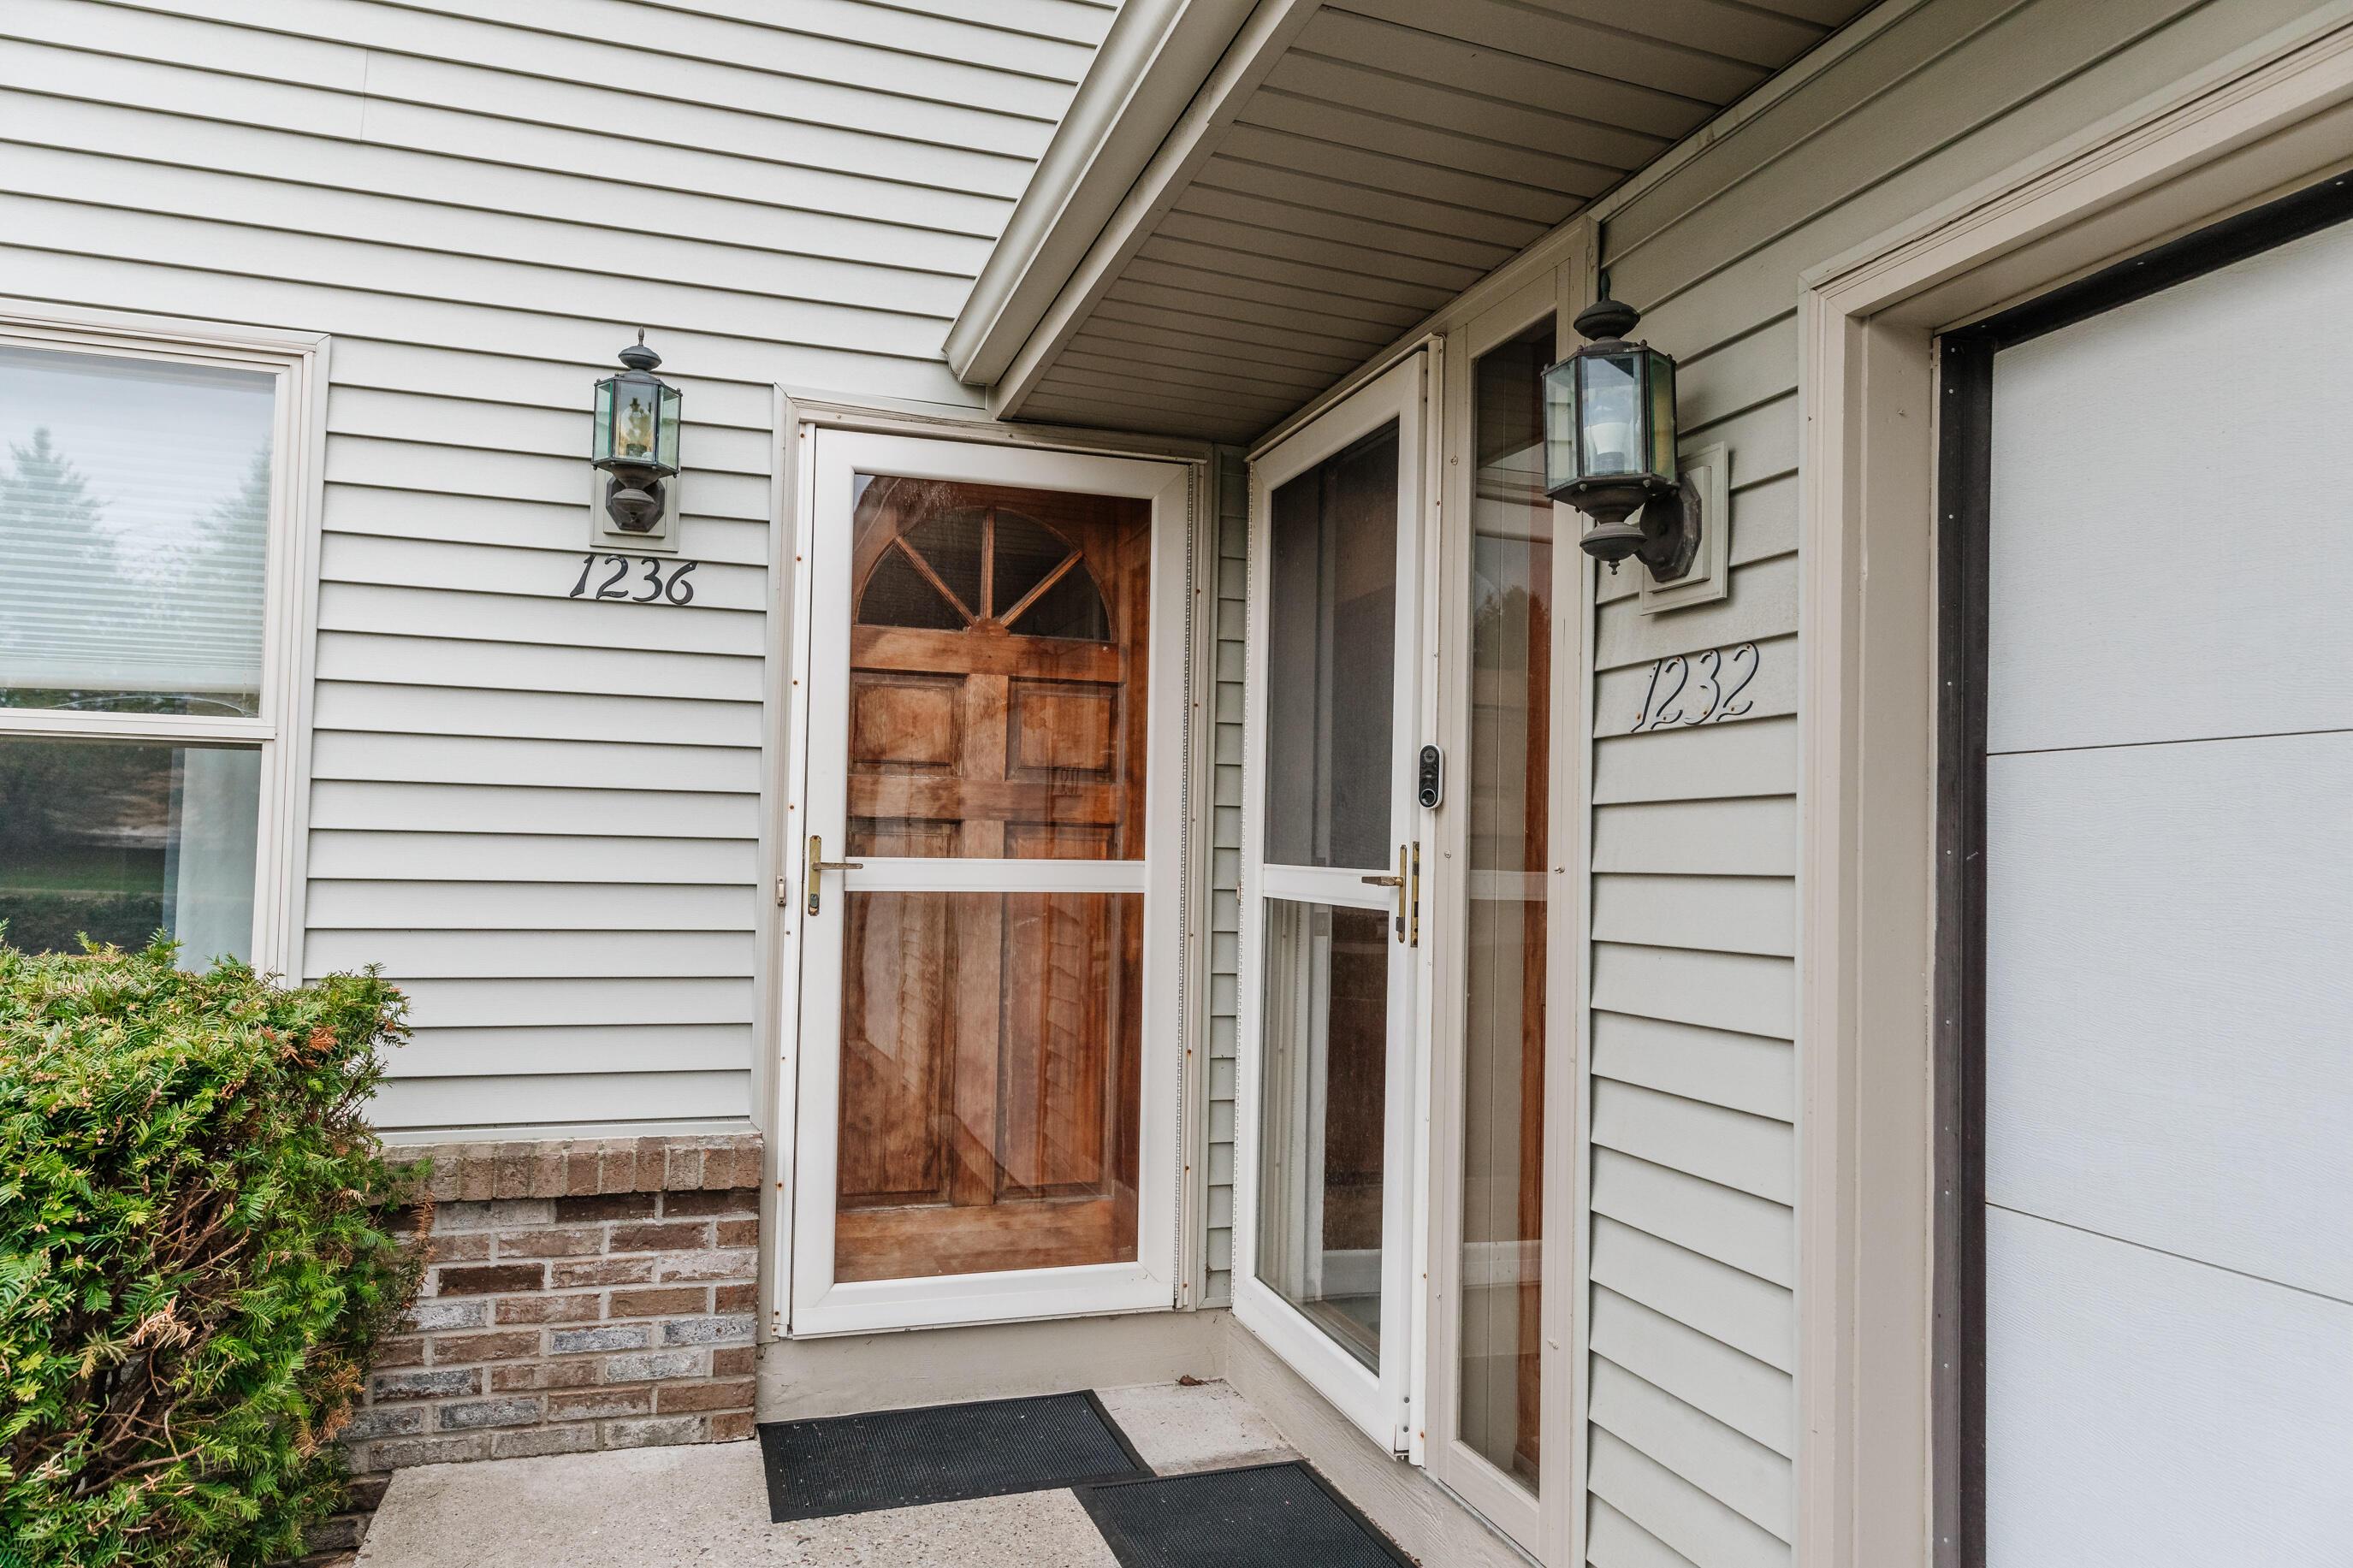 1236 Sunnyridge Rd, Pewaukee, Wisconsin 53072, 2 Bedrooms Bedrooms, 5 Rooms Rooms,2 BathroomsBathrooms,Condominiums,For Sale,Sunnyridge Rd,2,1735320